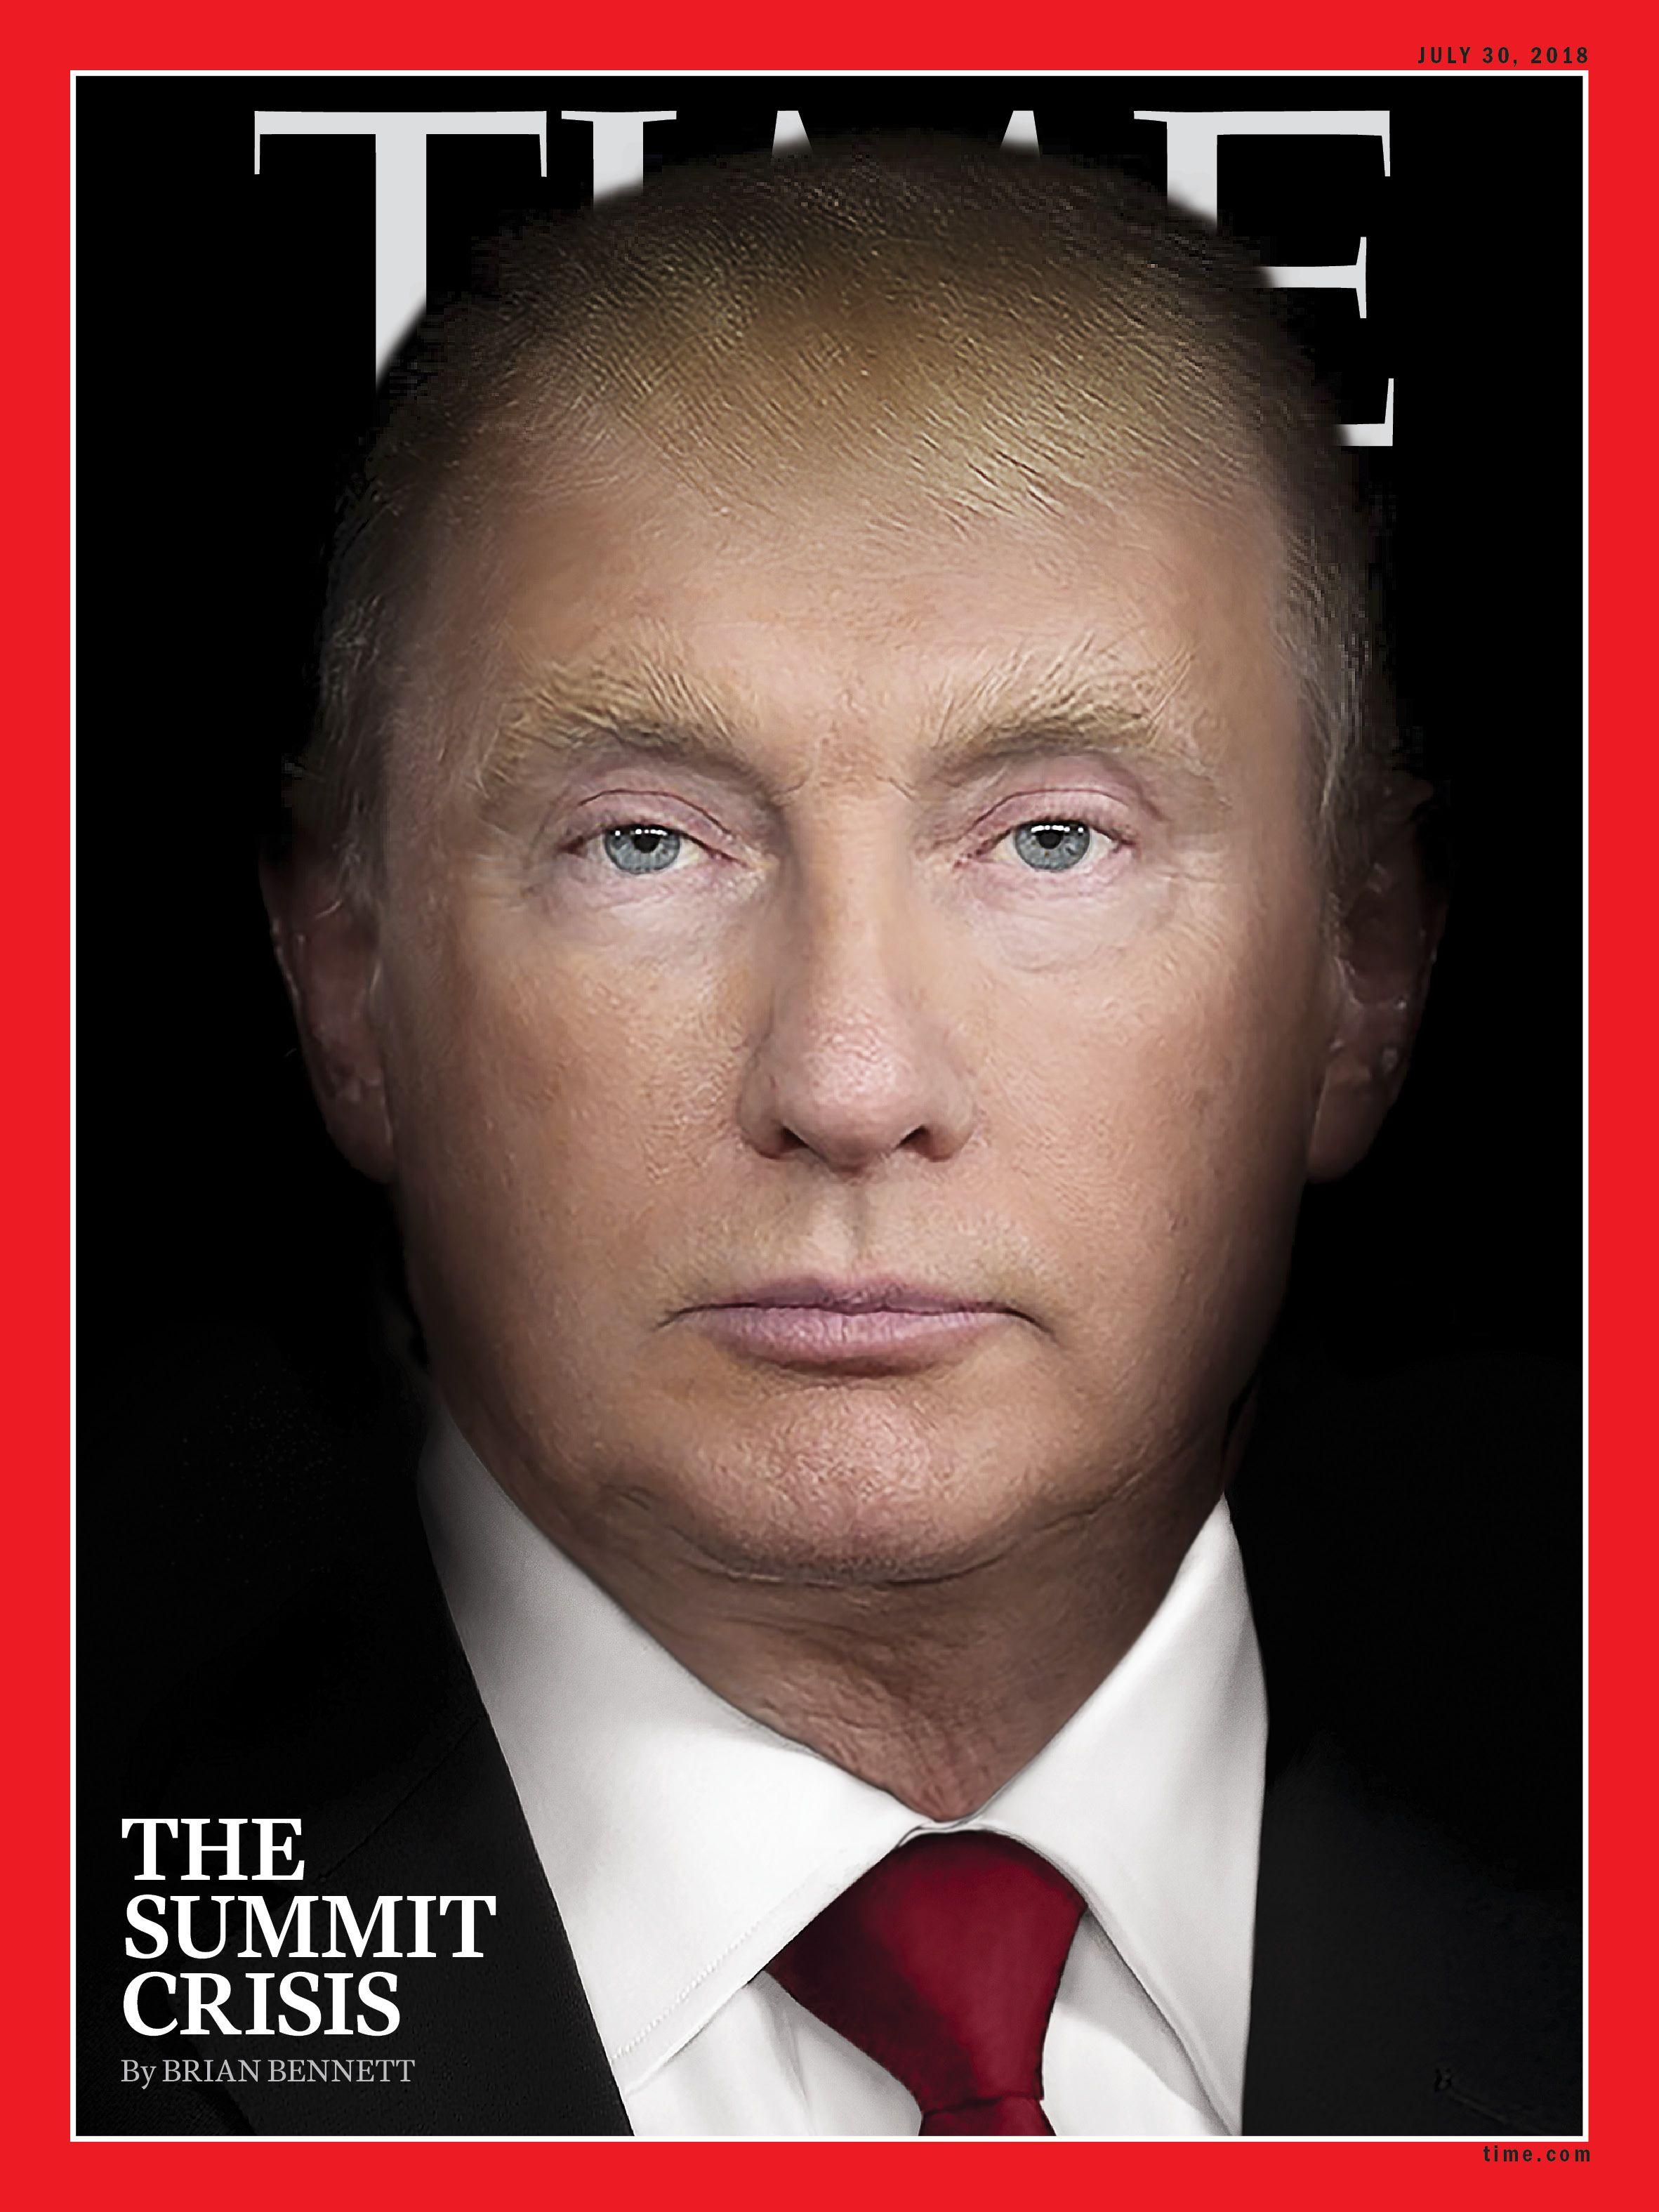 Республіканці не дозволили викликати на допит до Конгресу США перекладачку, яка була присутня на зустрічі Трампа і Путіна, - конгресмен Шифф - Цензор.НЕТ 7121